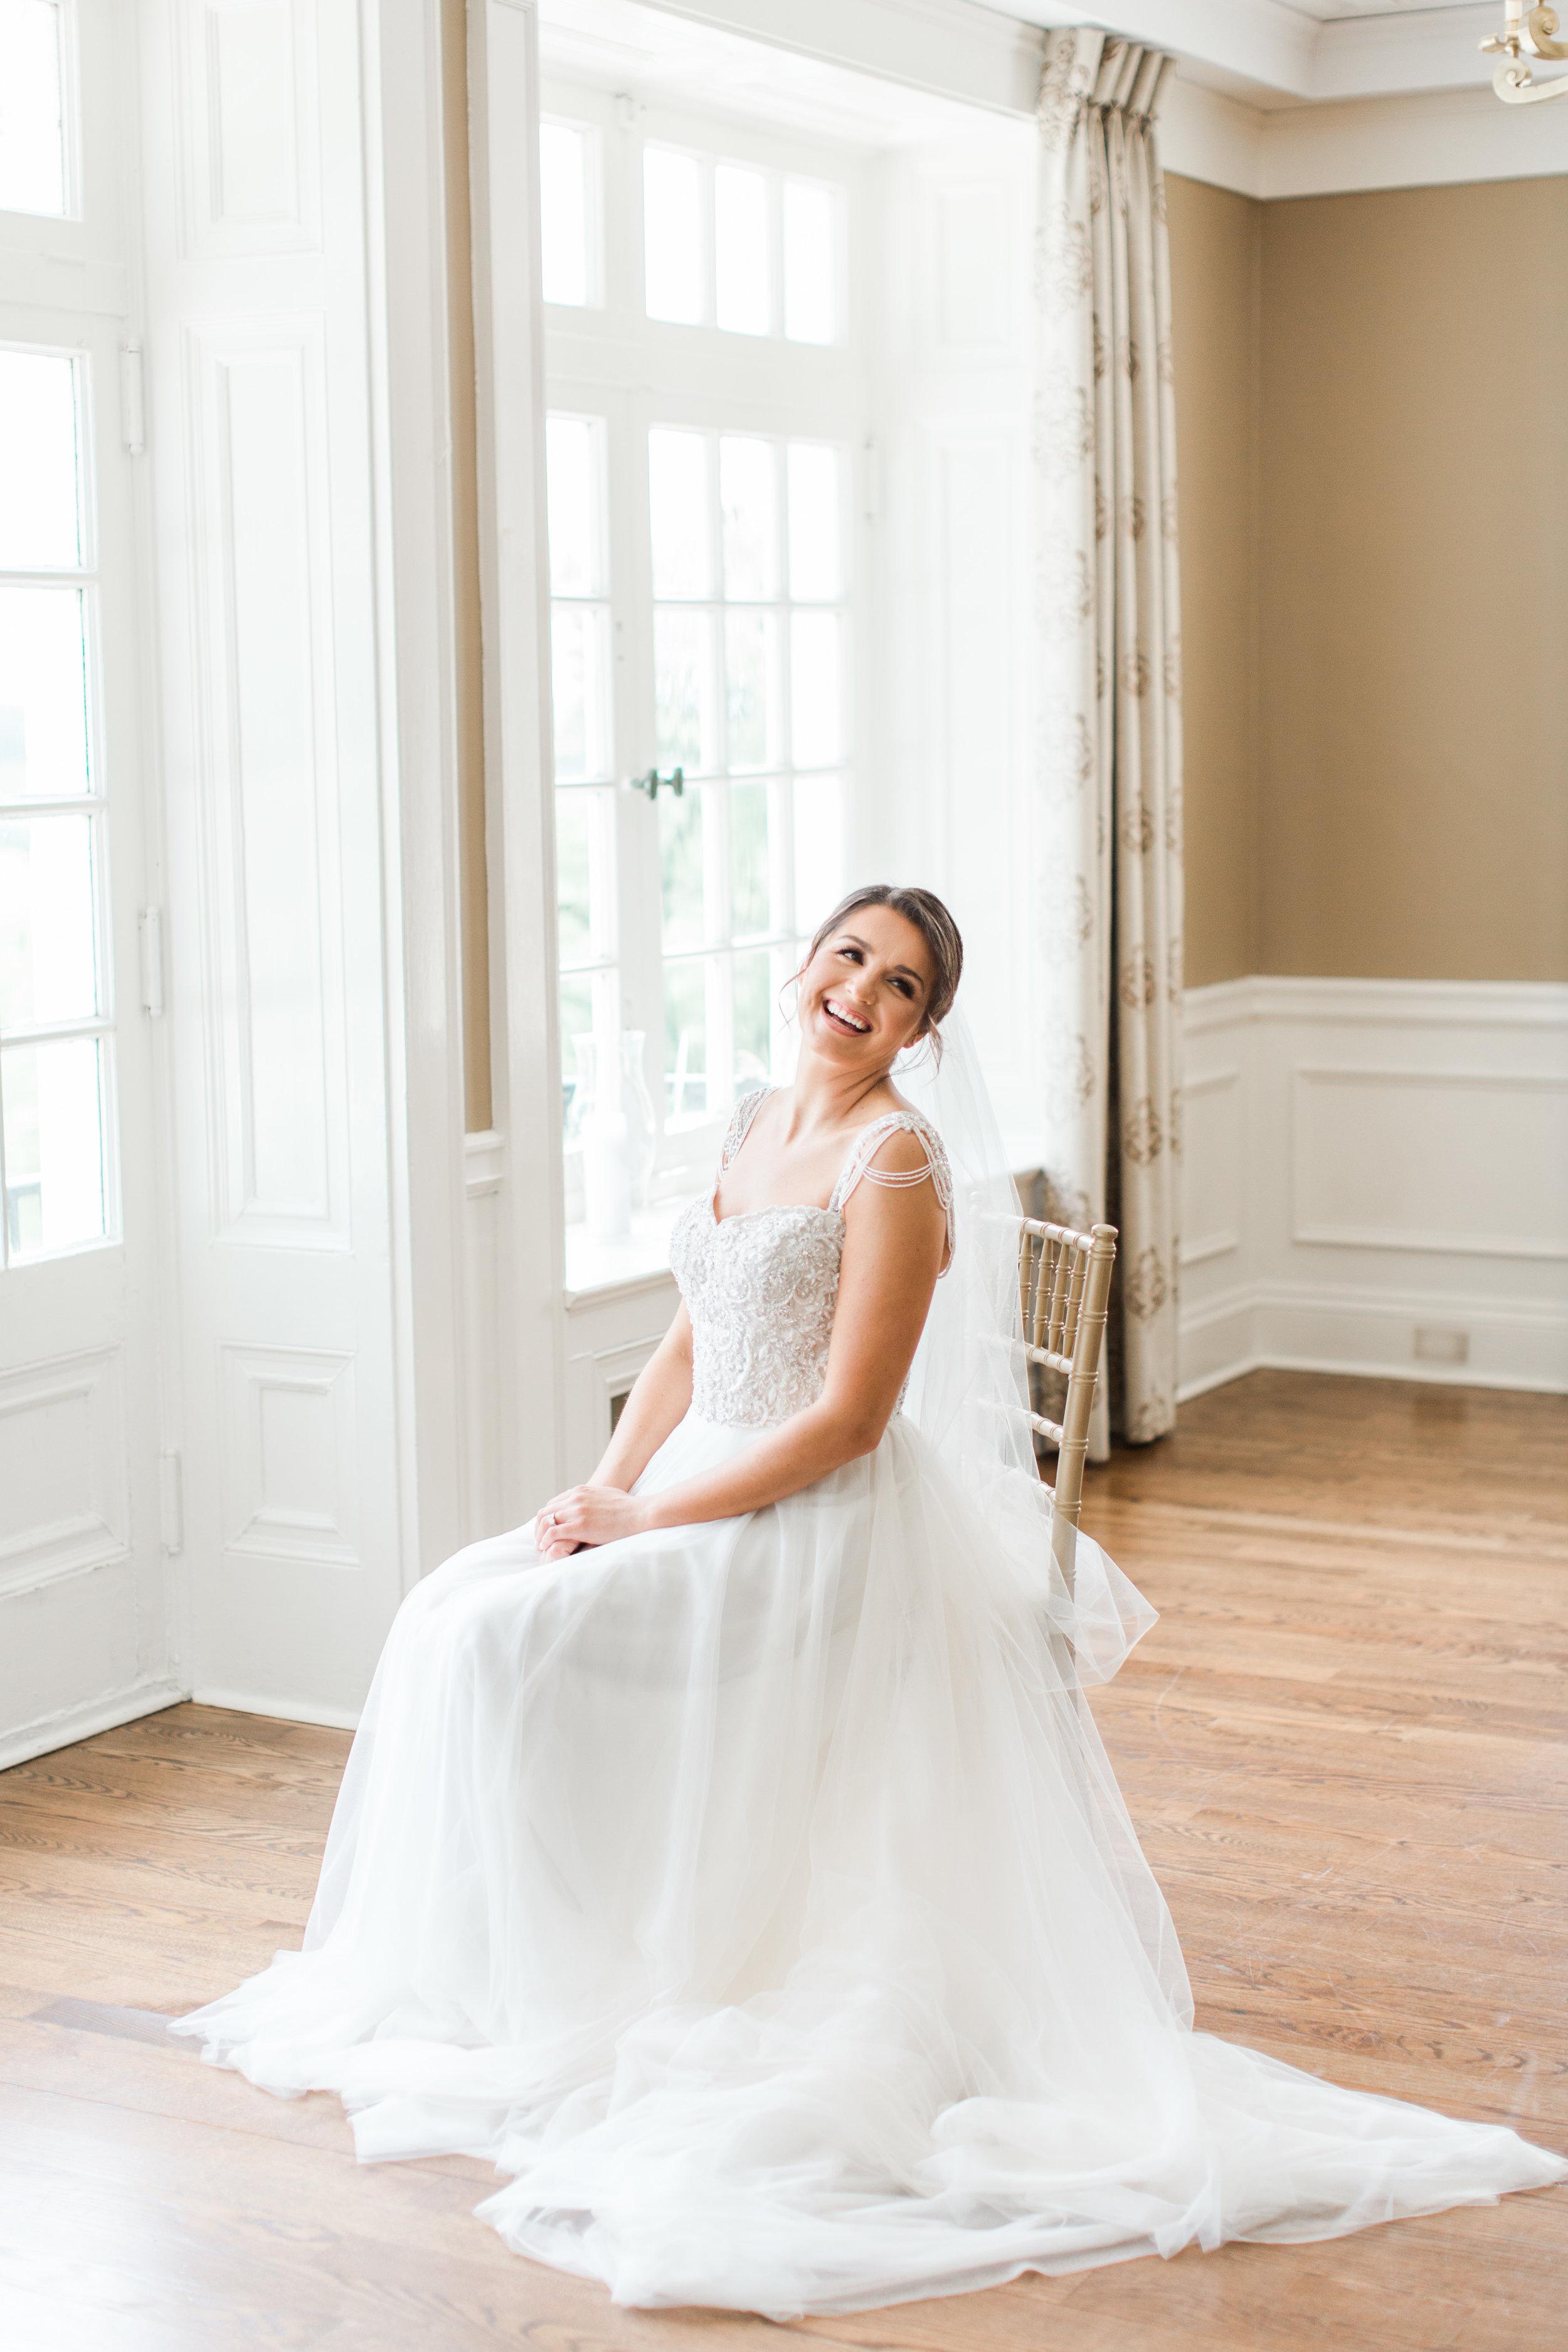 jessicaandchris_wedding (126 of 1021).jpg